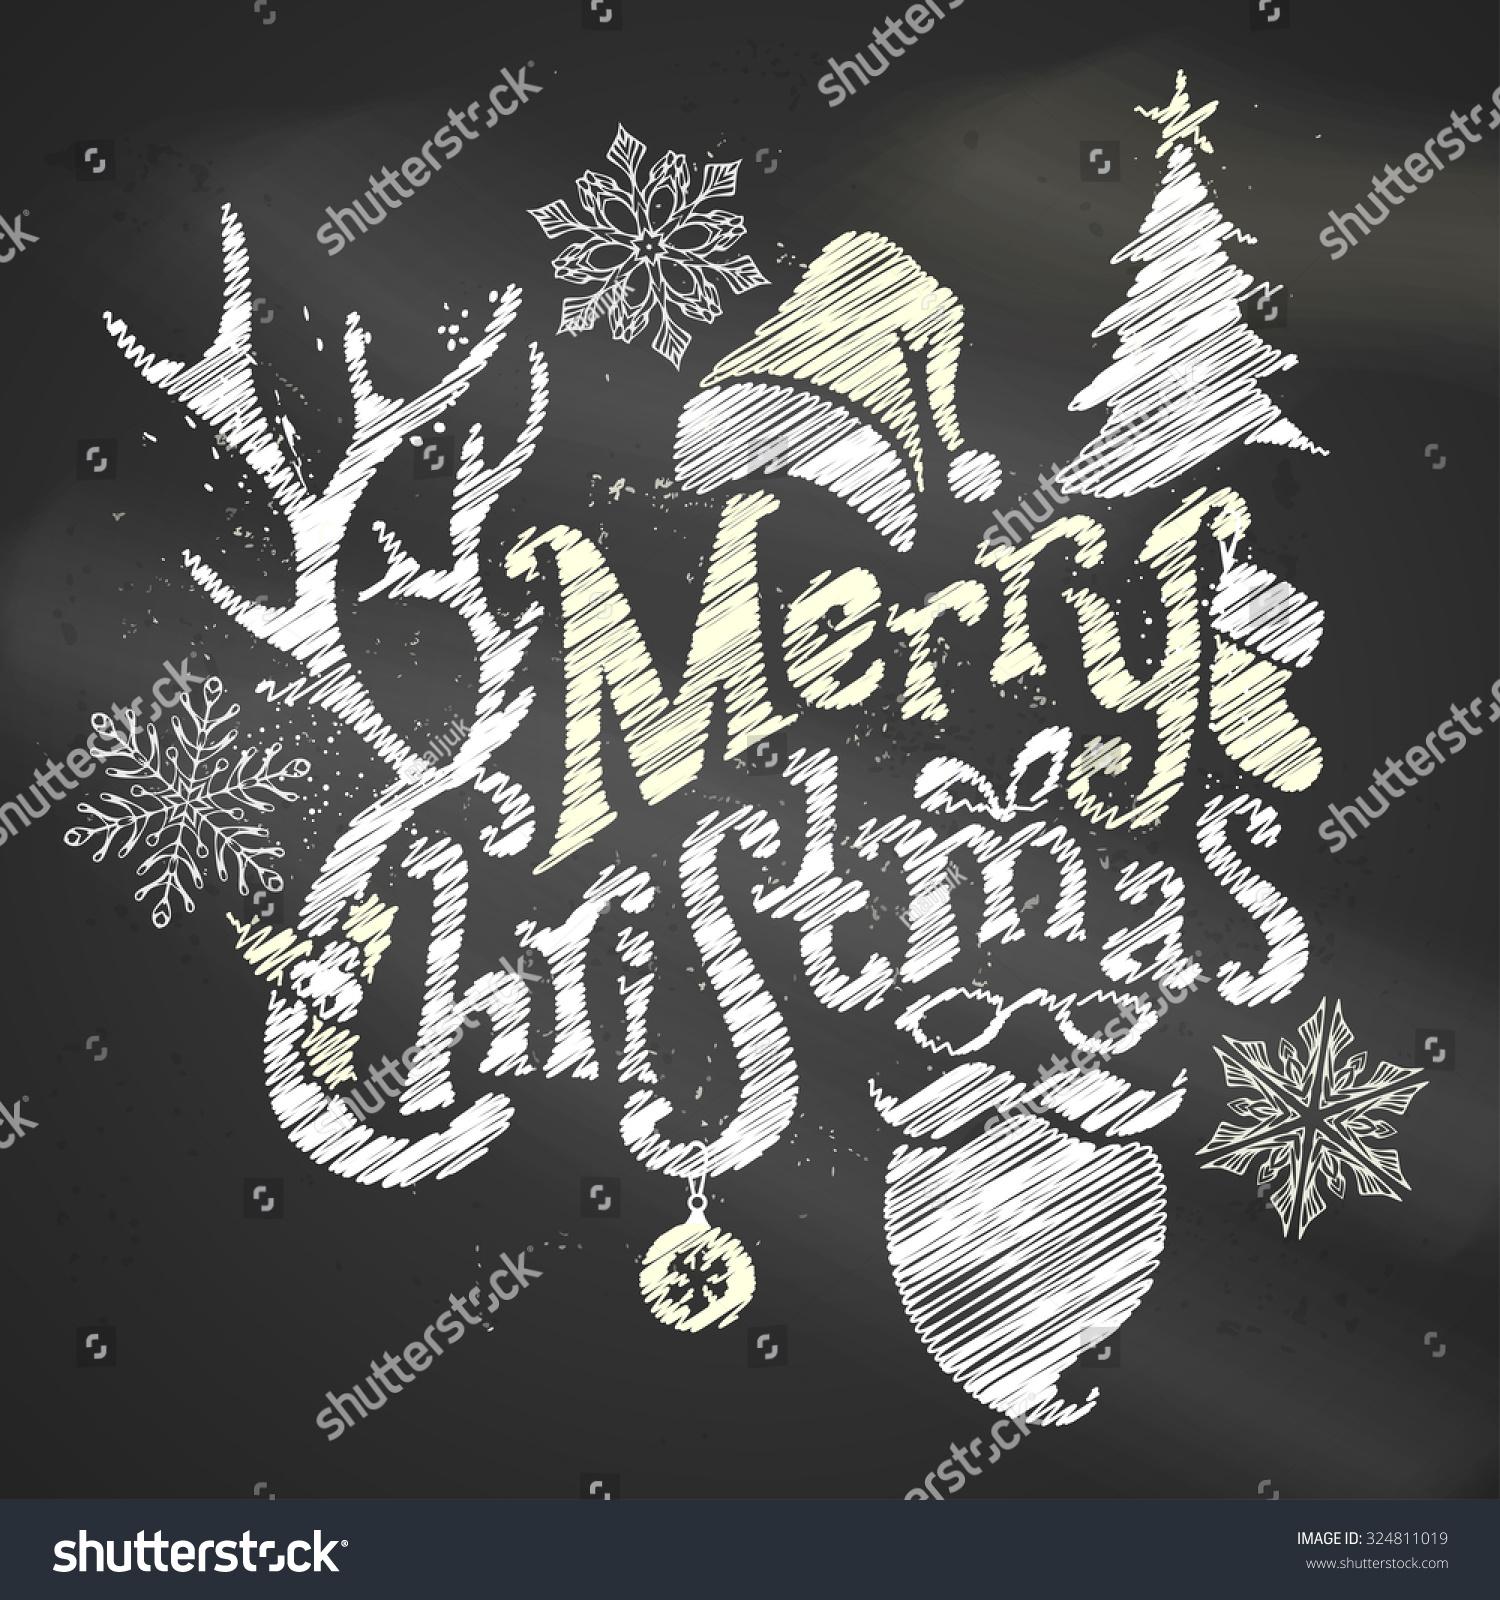 chalk merry christmas design handwritten text stock vector